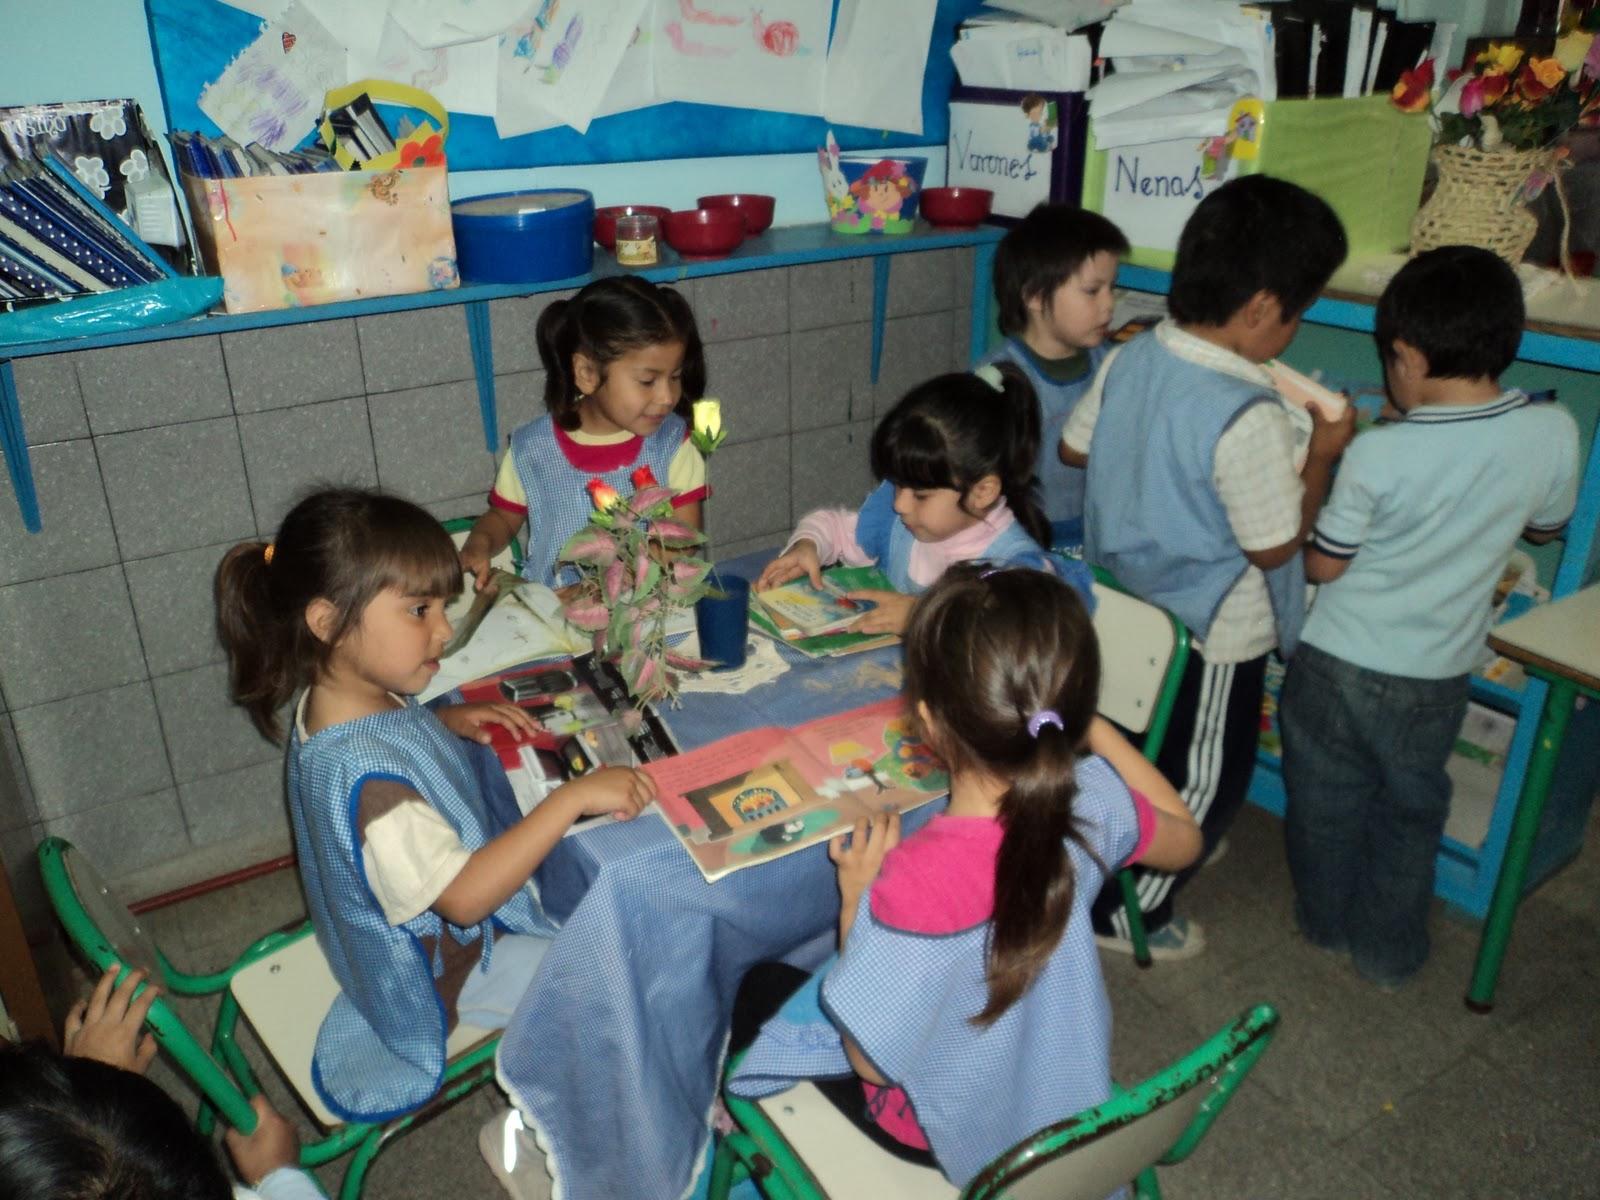 Un lugar llamado jardin la biblioteca for Asistenciero para jardin de infantes